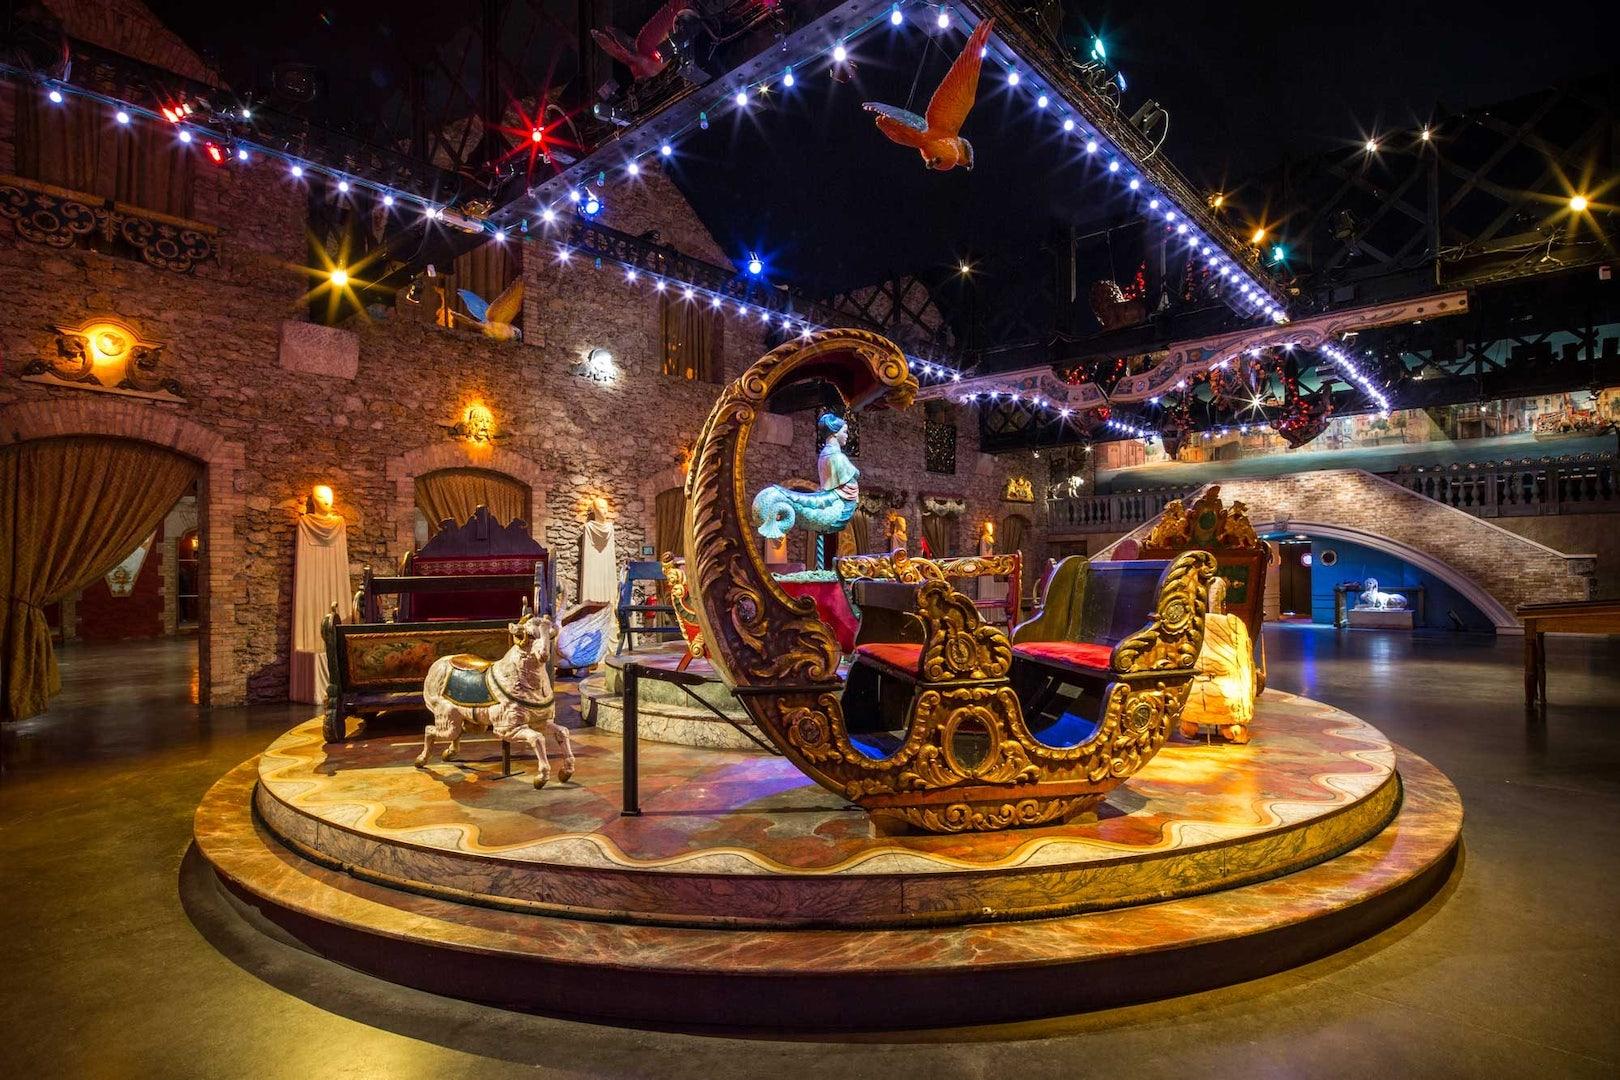 carrousel at Musée des Art Foraines